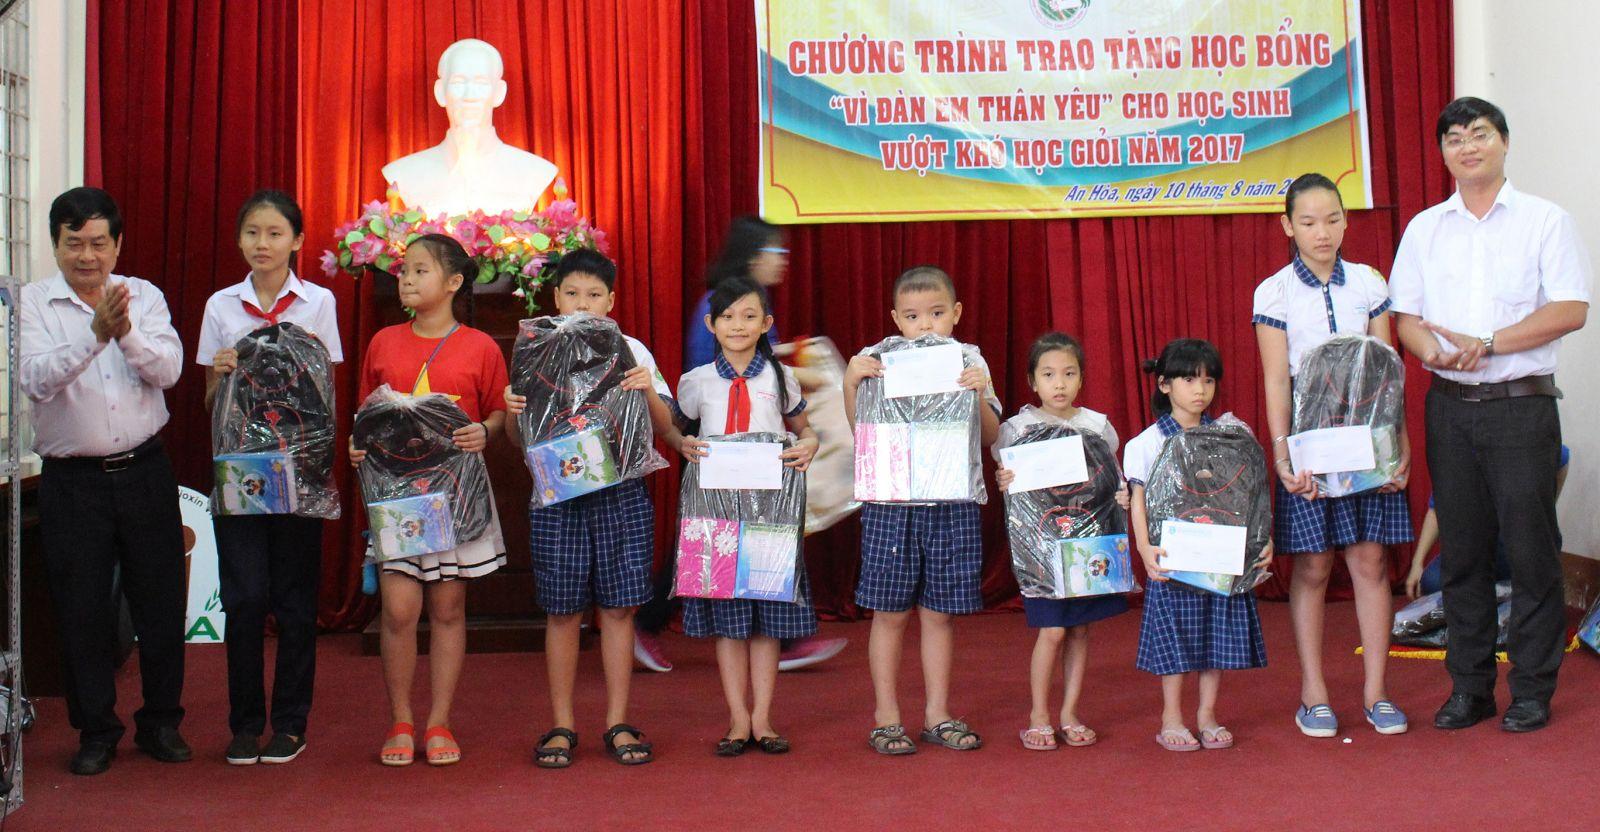 Học sinh có hoàn cảnh khó khăn được Đoàn phường An Hòa, quận Ninh Kiều tặng tập, sách và học bổng. Ảnh: CTV